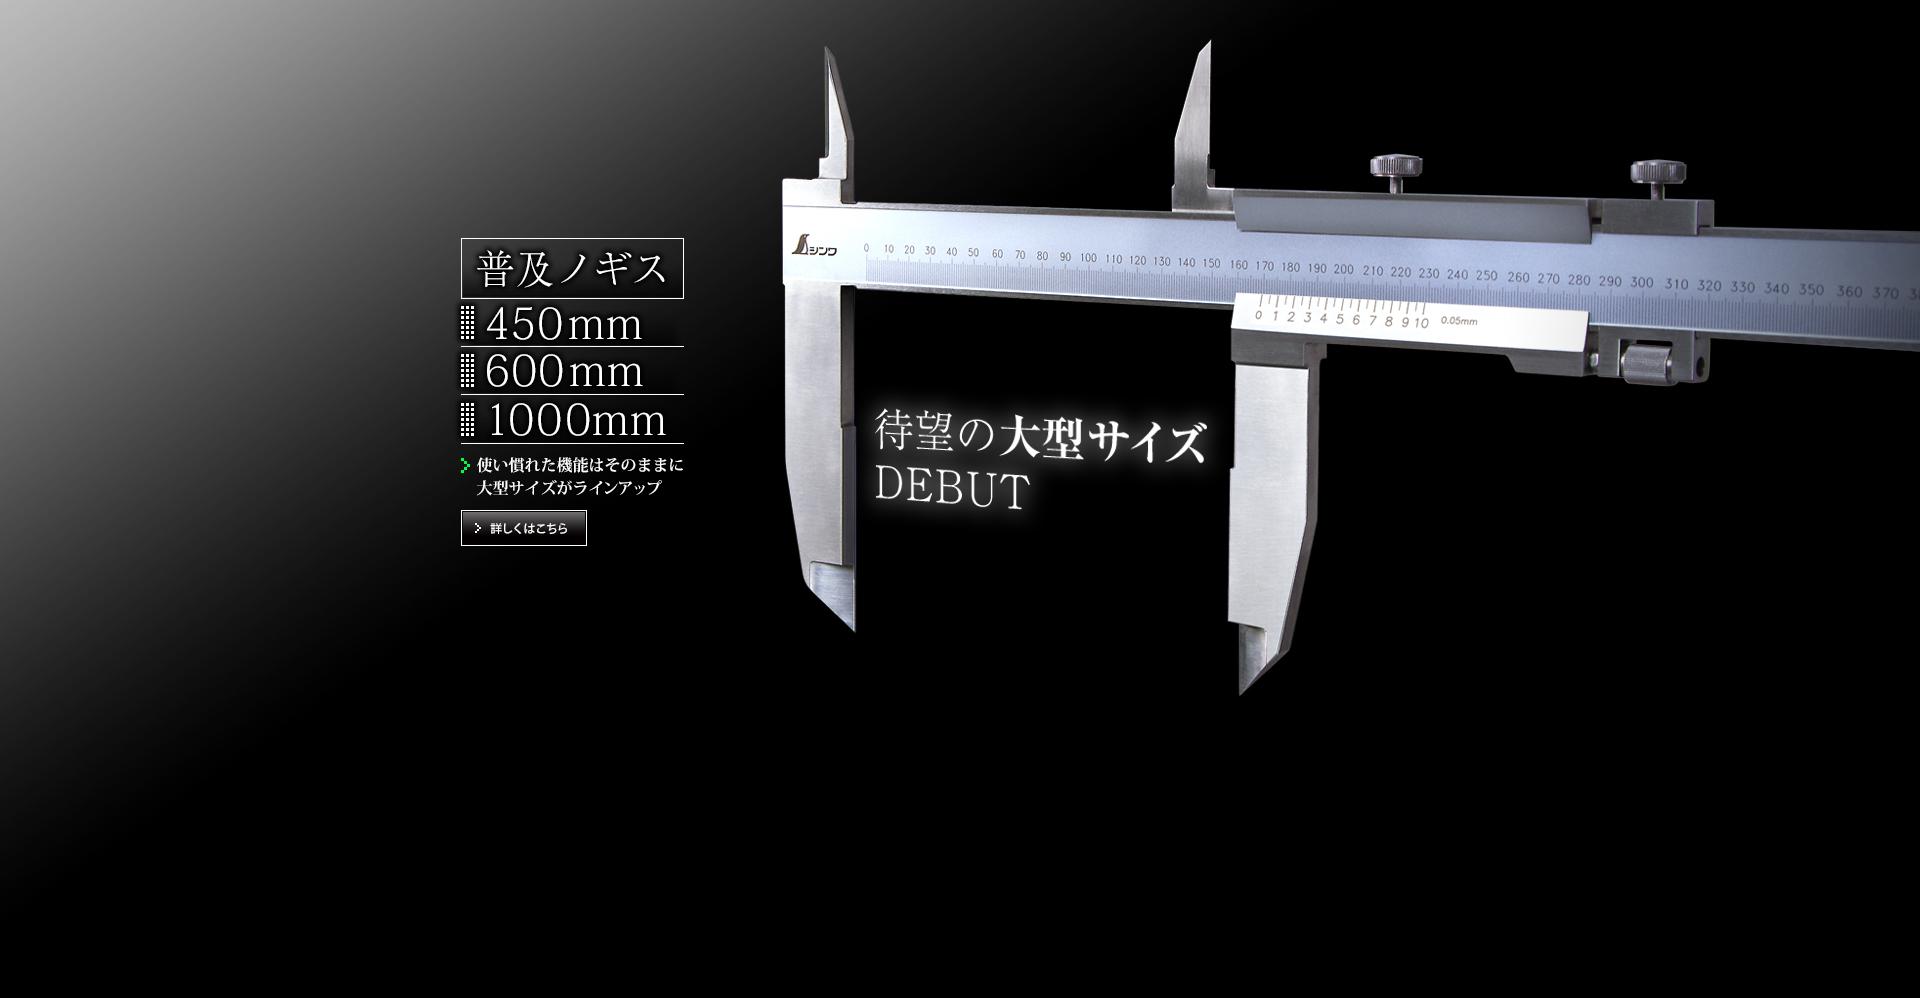 普及ノギス450mm600mm1000mm